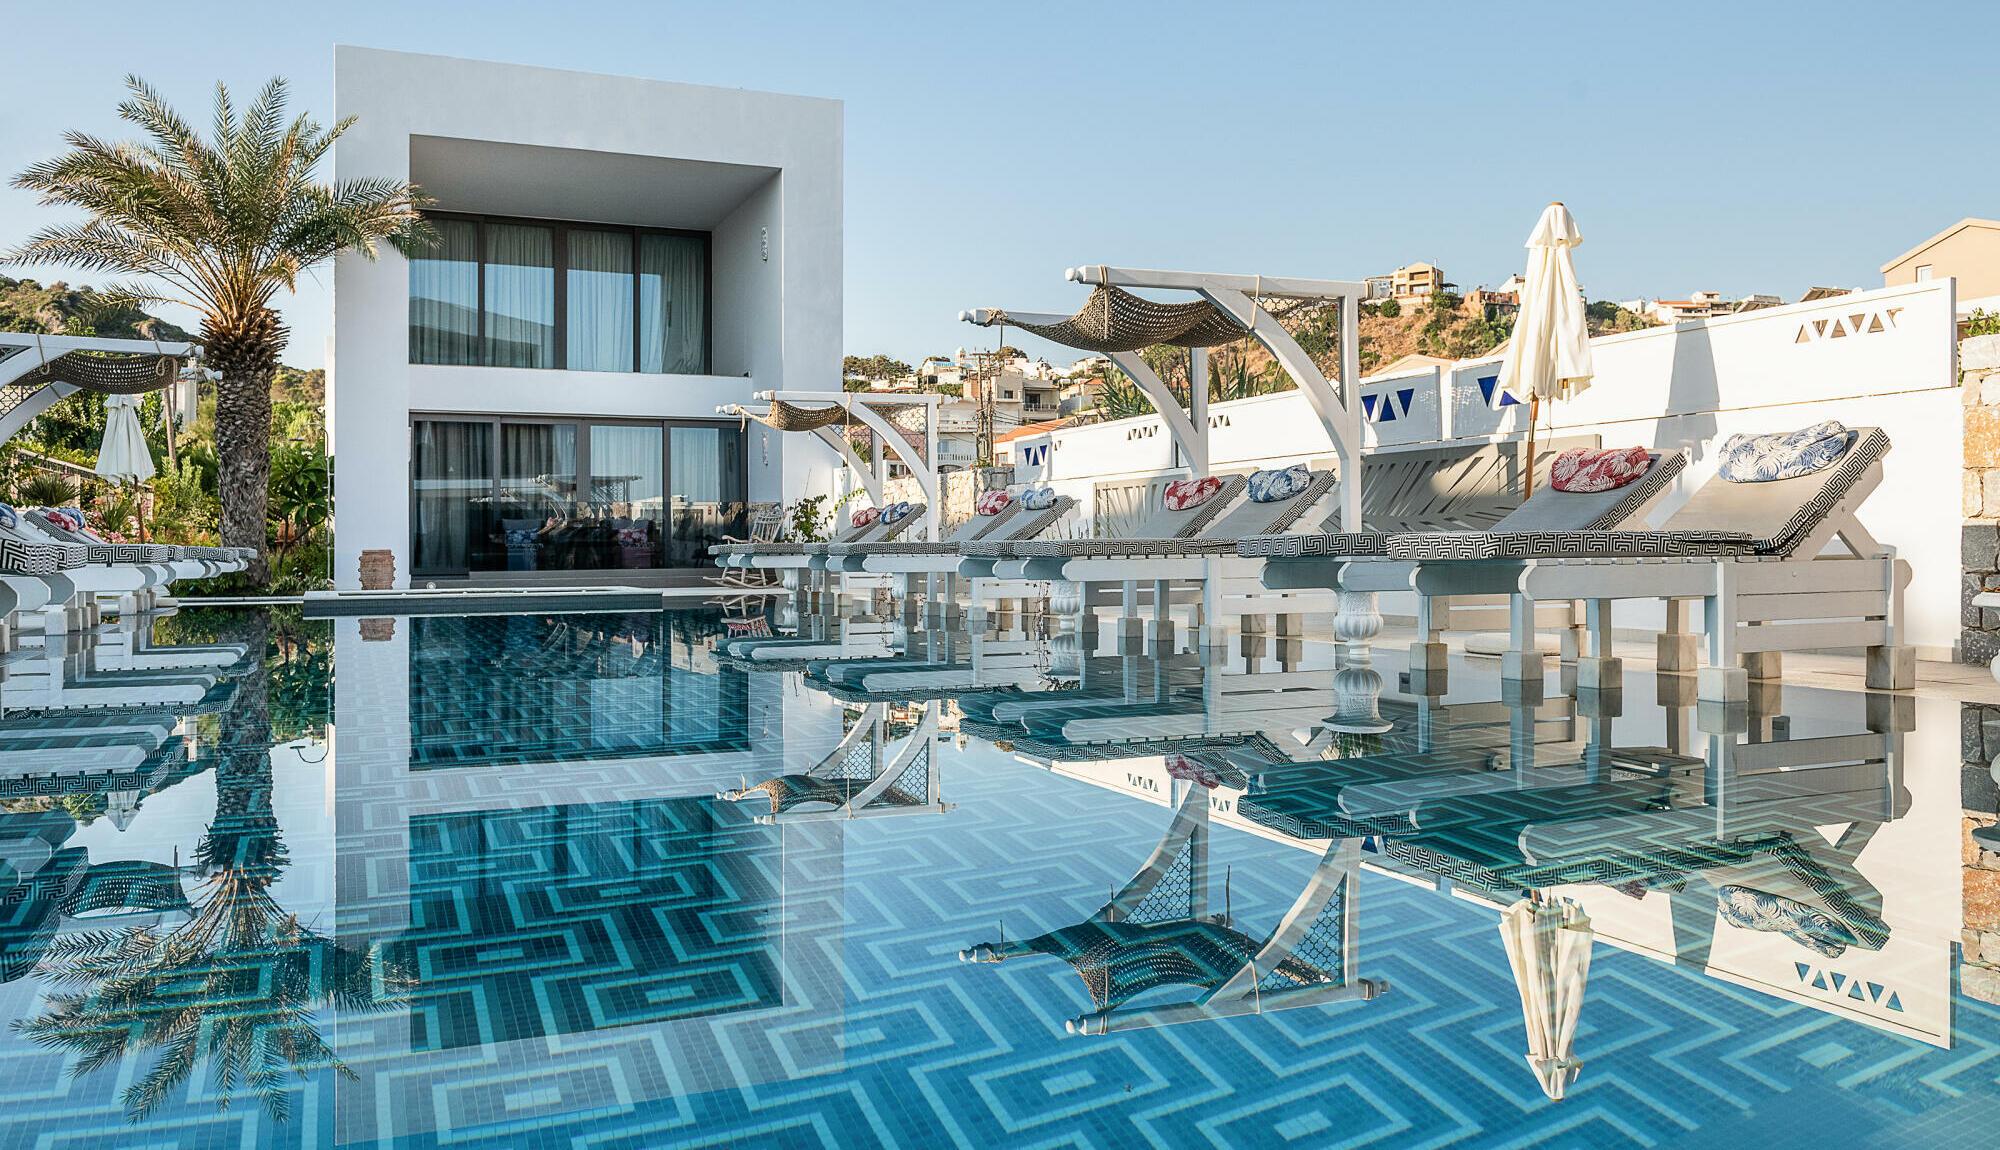 Platanias Ariston Hotel in Platanias Chania Crete- Main View swimming pool